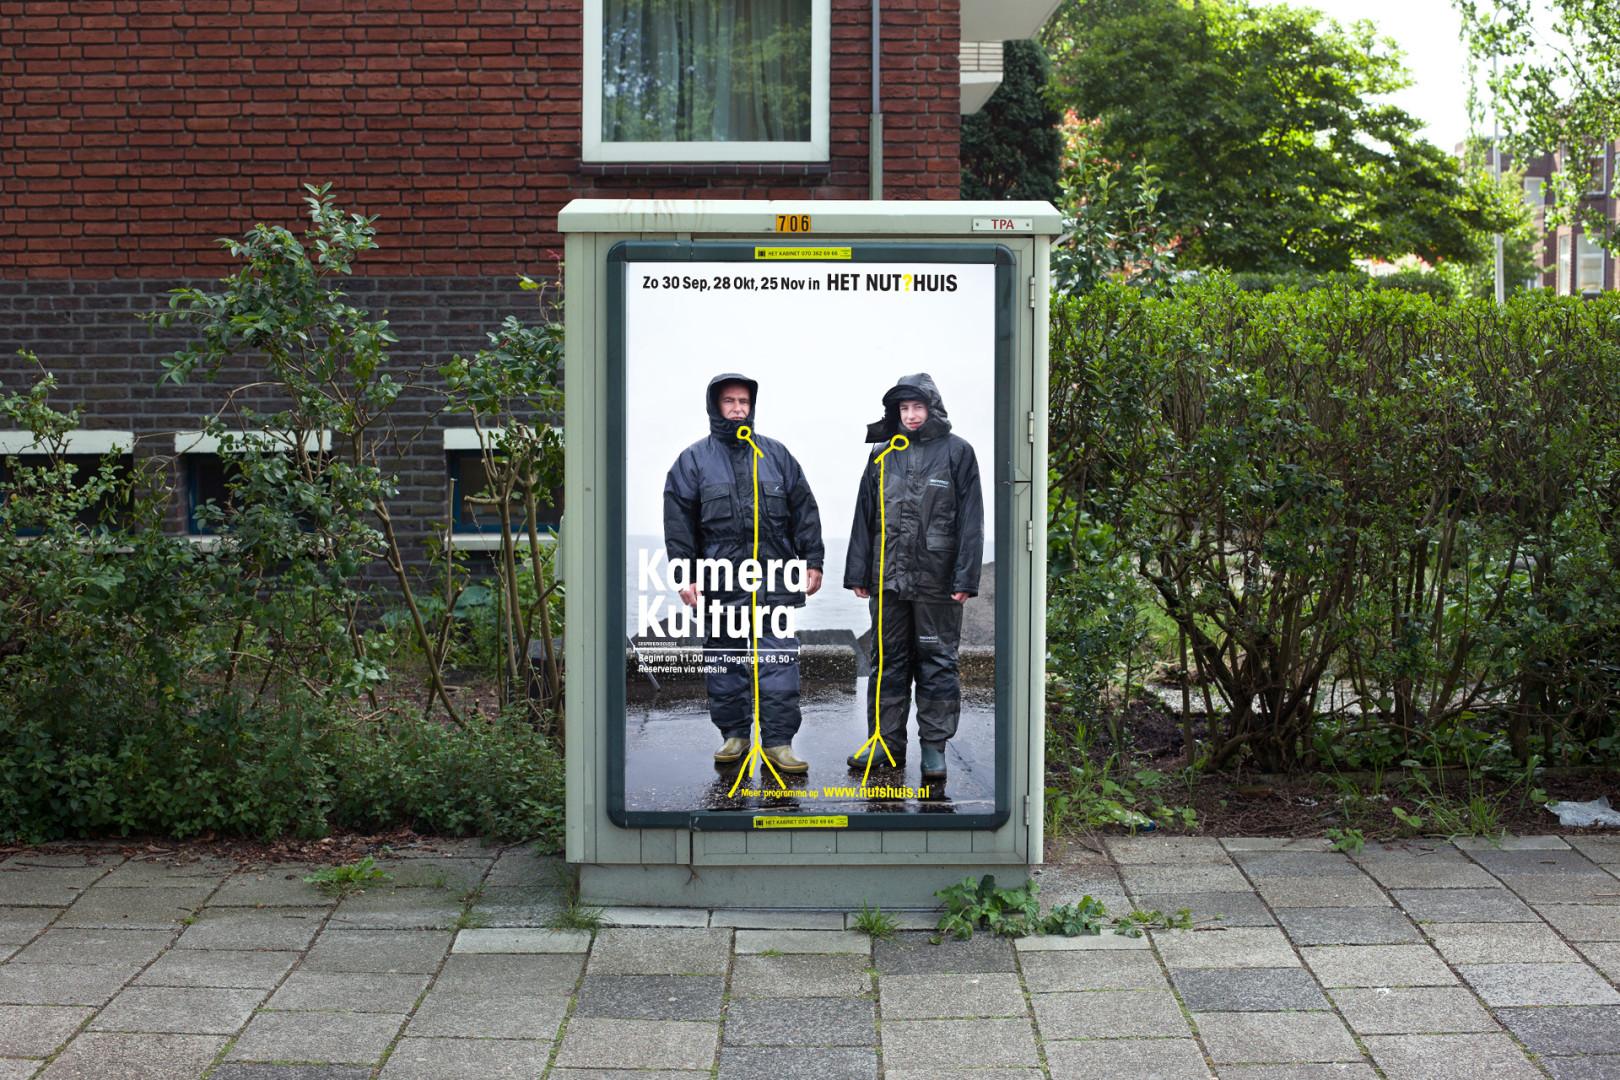 KP_portfolio_nutshuis_web_poster_04-1620x1080